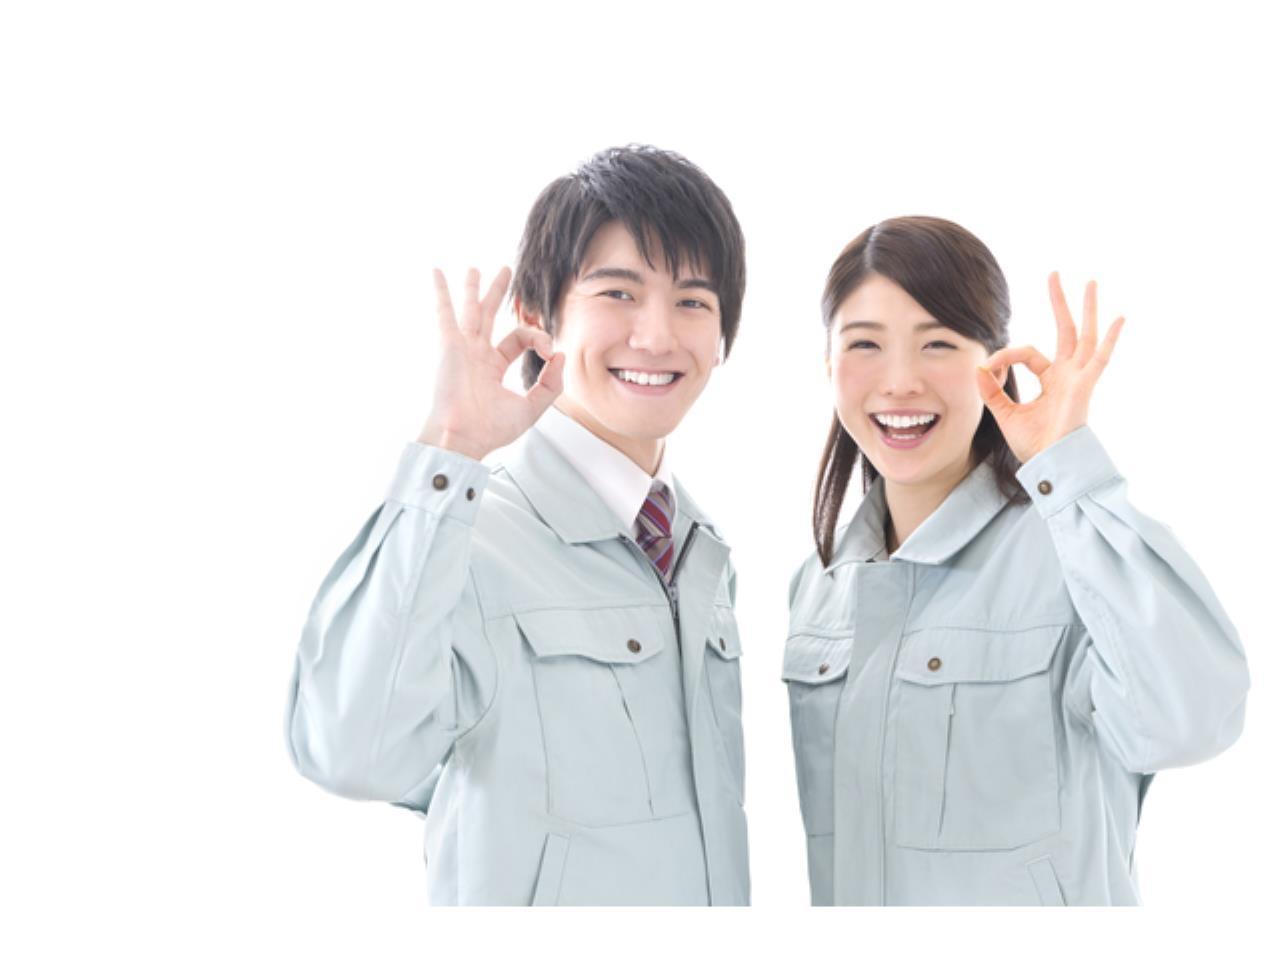 岡山県内の施設3~4ヶ所を担当 電気設備の施工管理・保守